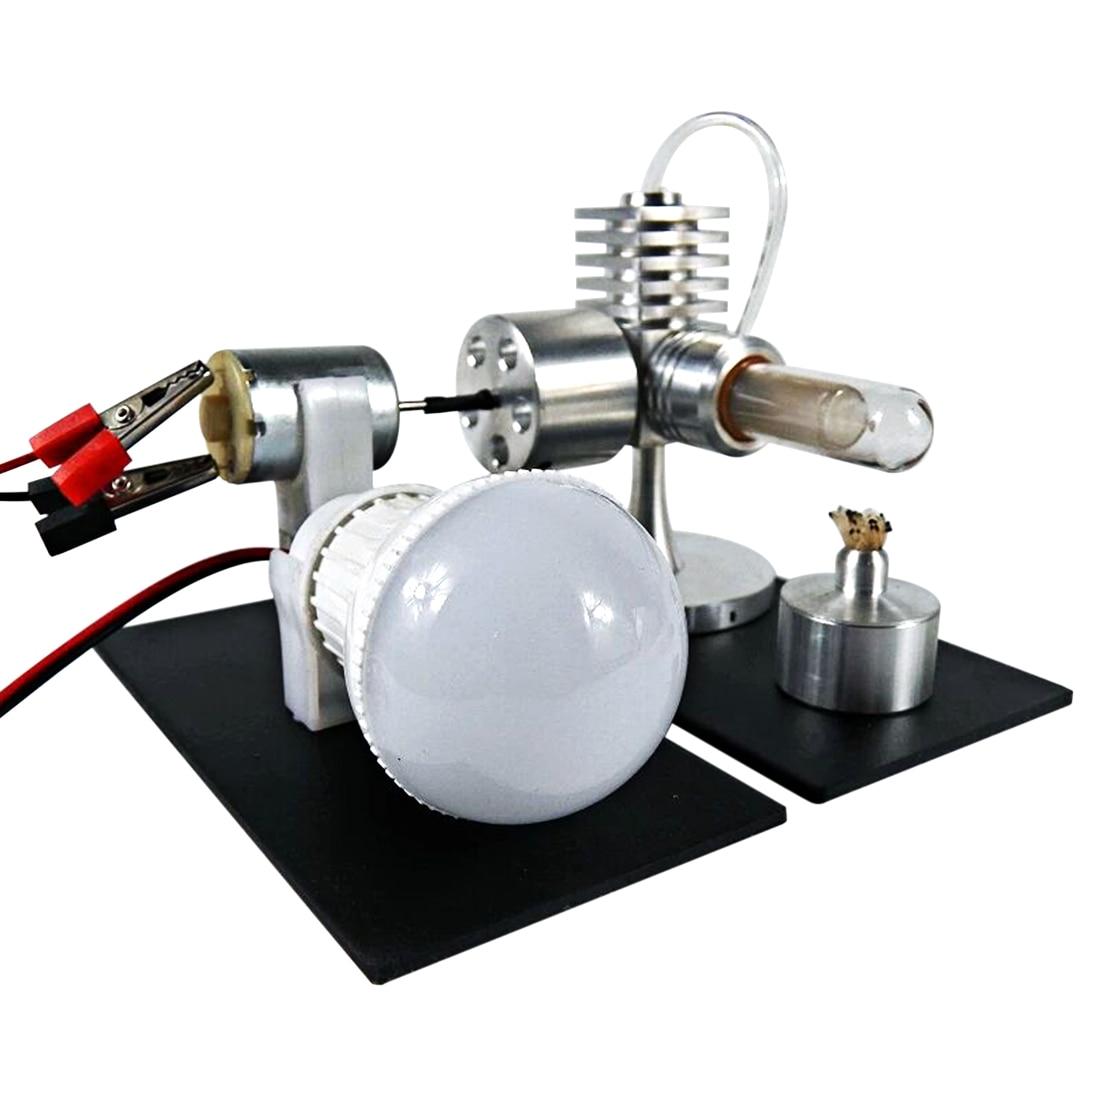 NFSTRIKE tout en aluminium poli monocylindre Stirling modèle de moteur jouet avec générateur et LED modèle de moteur ampoule jouets enfants